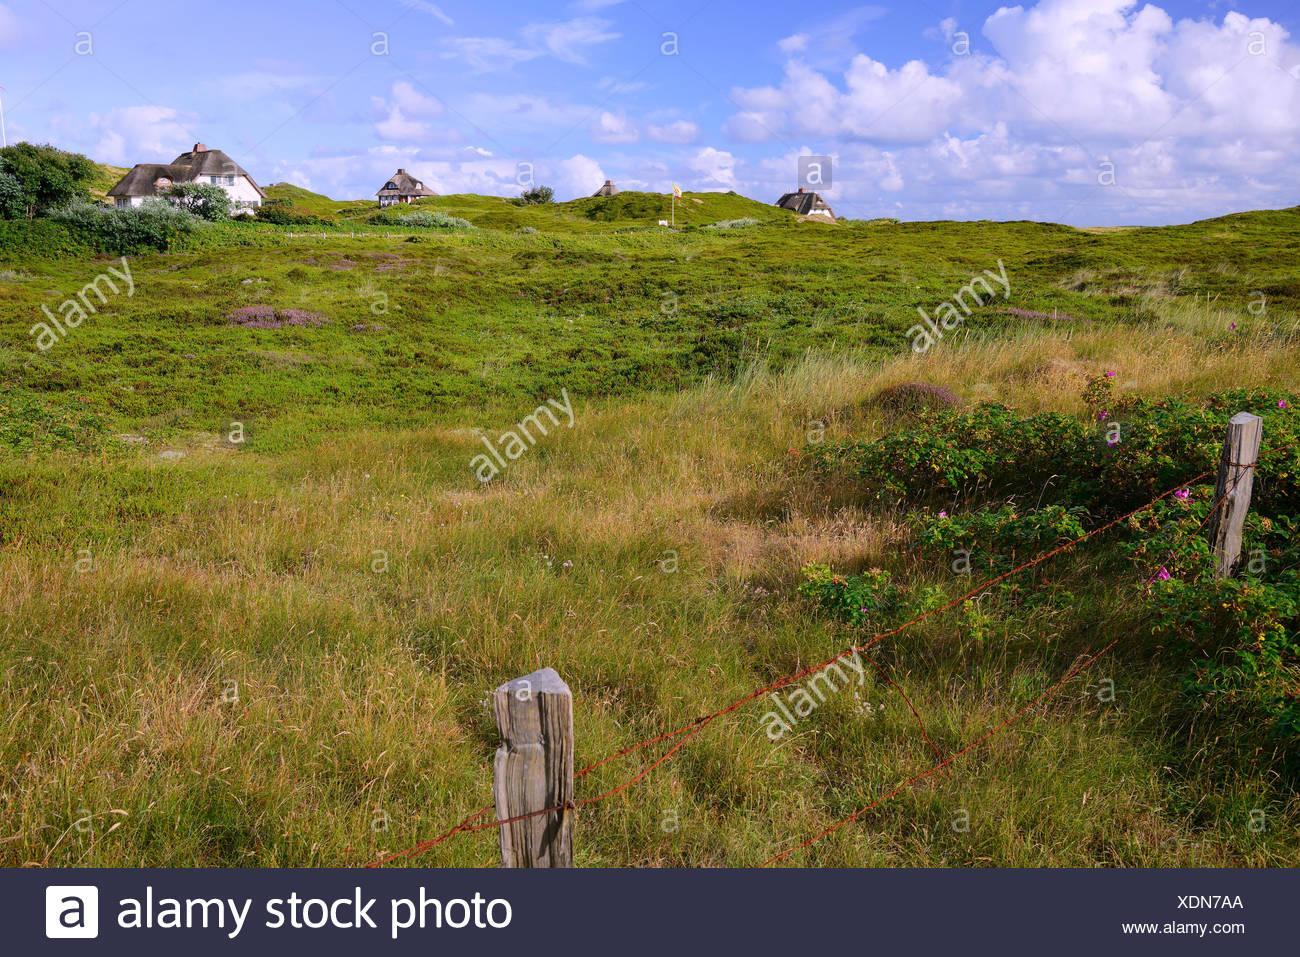 typische Friesenhaeuser, Reetdachhaeuser in den Duenen vom Hoernum, Sylt, nordfriesische Inseln, Nordfriesland, Schleswig-Holstein, Deutschland - Stock Image